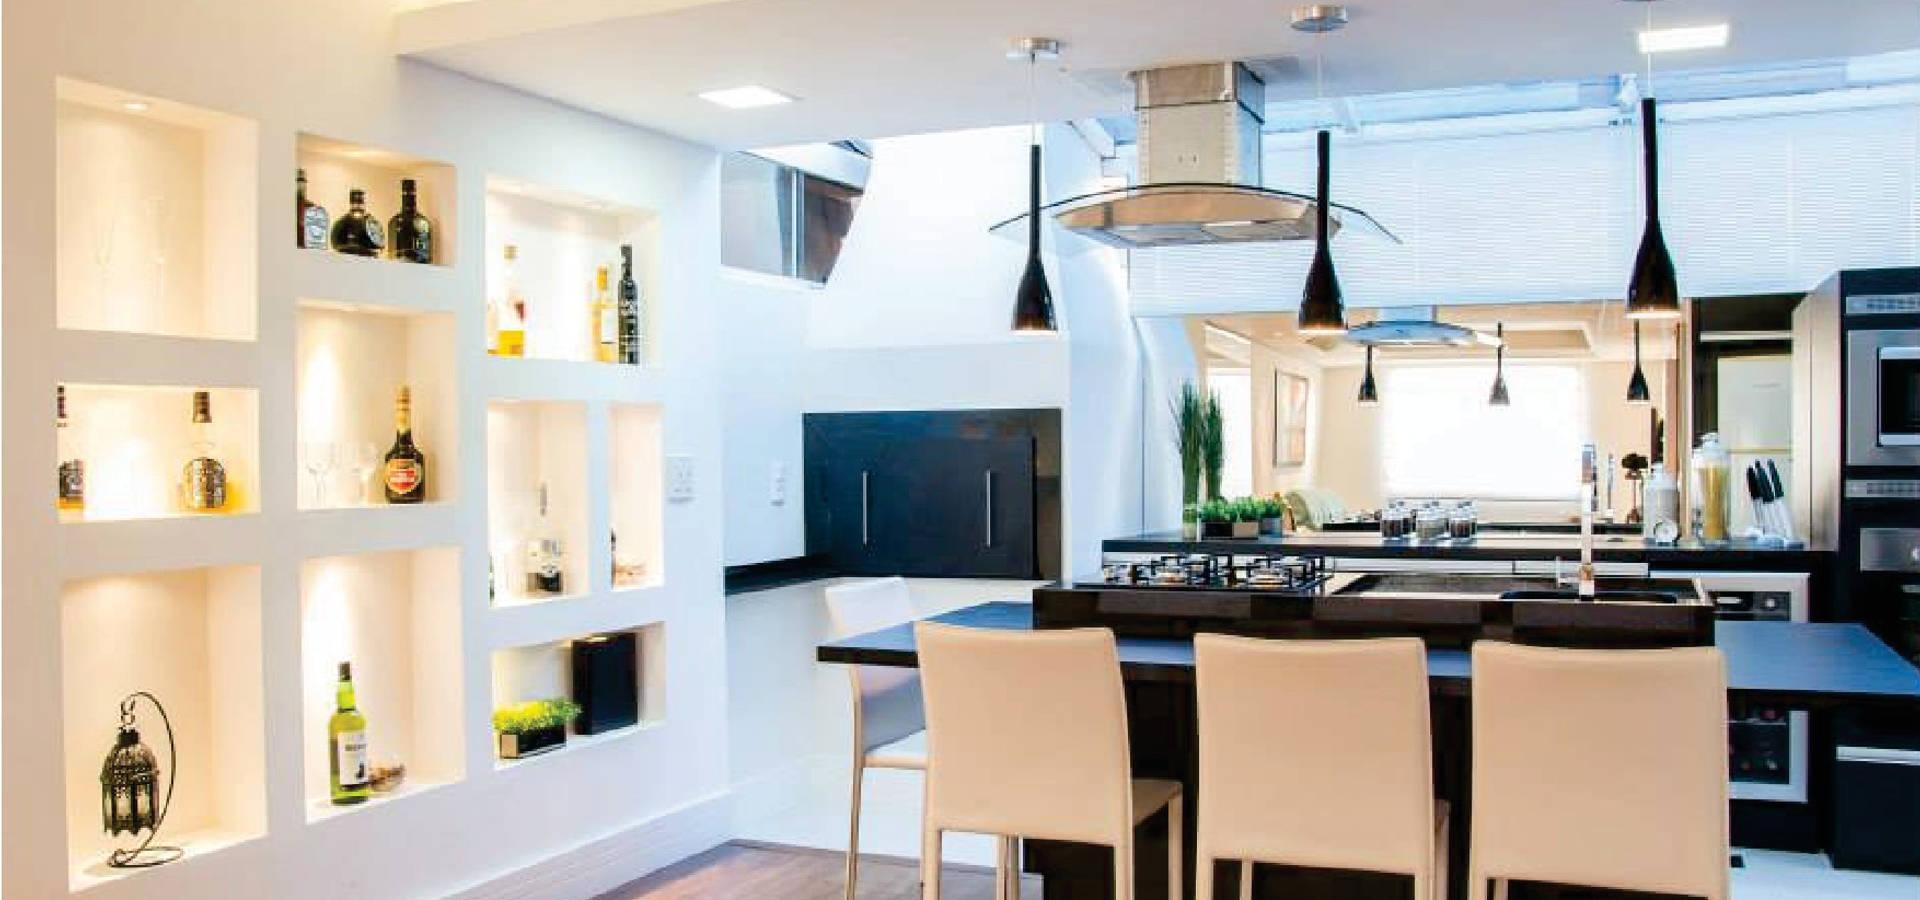 Cozinha Integrada Gourmet Por Priscila Acosta Arquitetura Homify